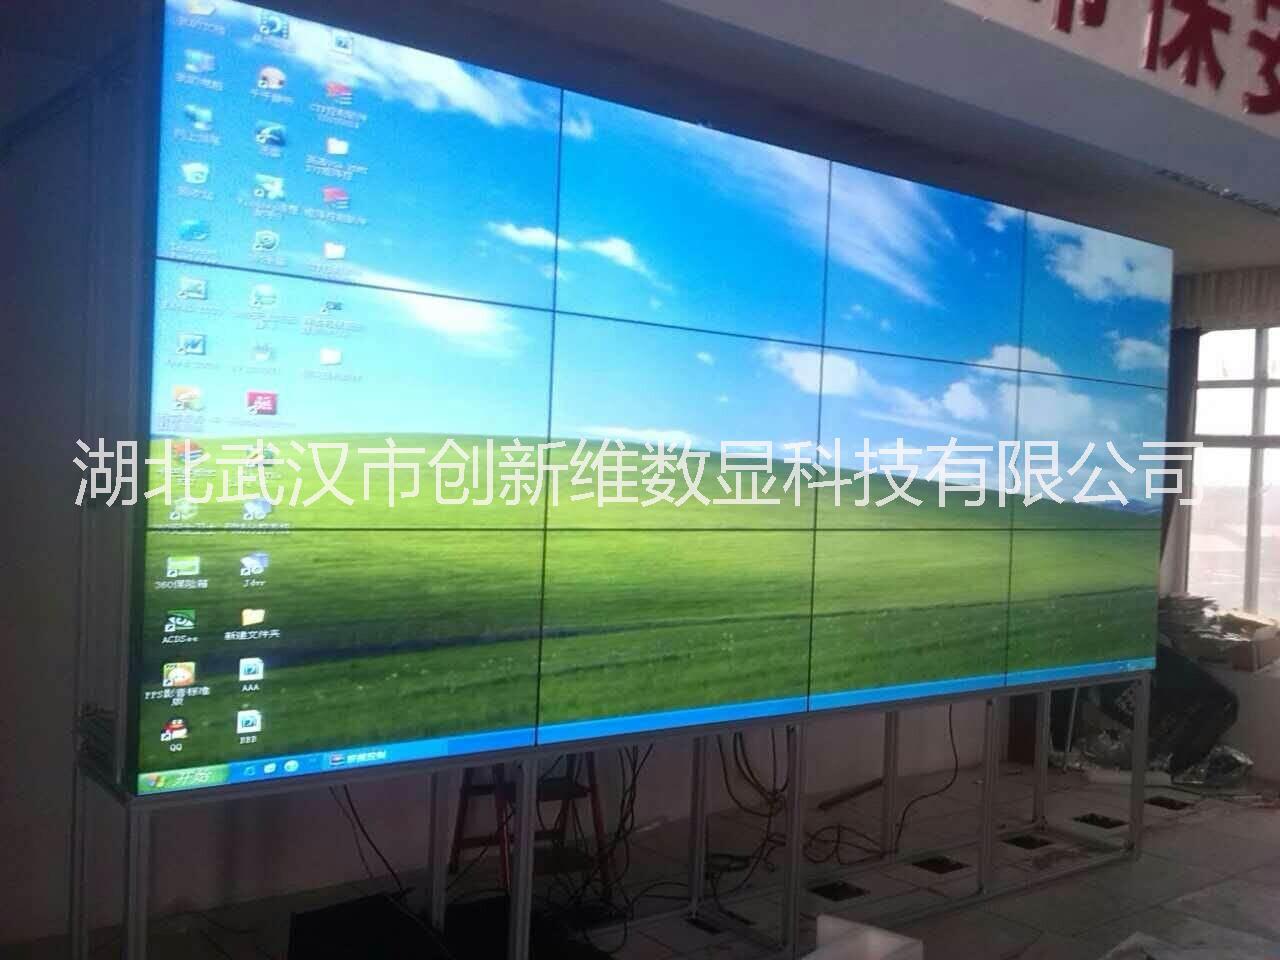 湖北省液晶拼接屏,4K49寸8mm液晶拼接屏厂家直销